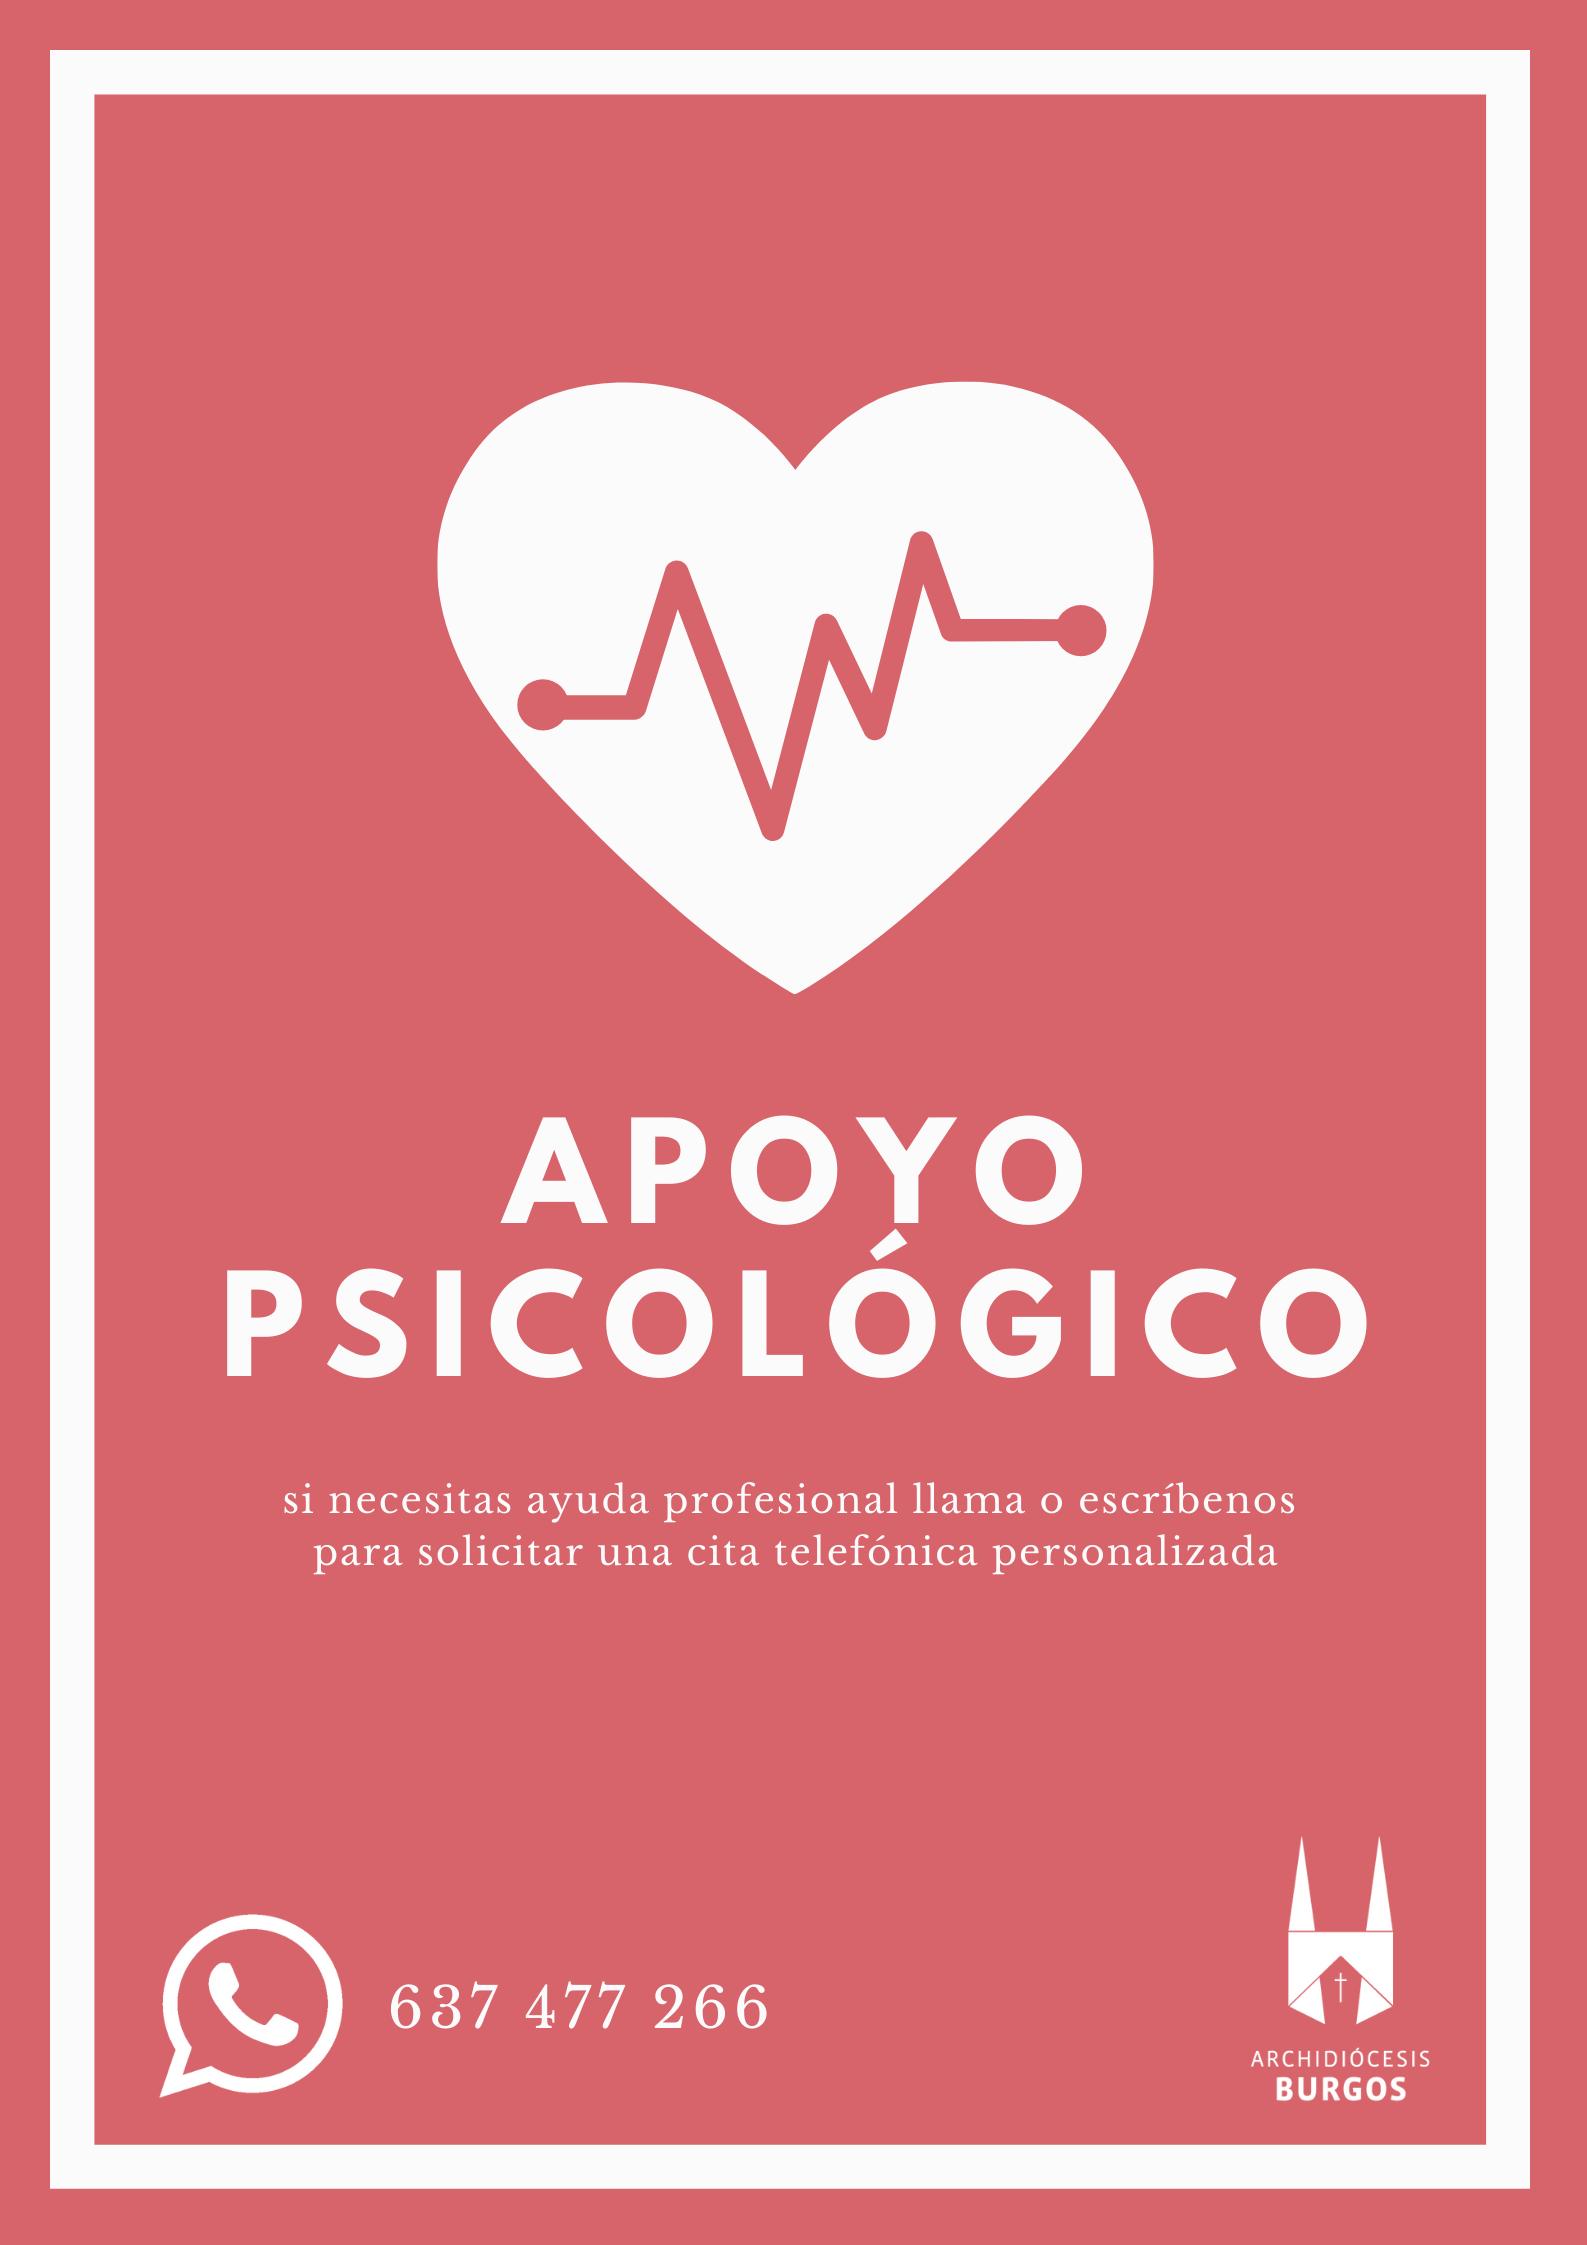 apoyo psicologico 2